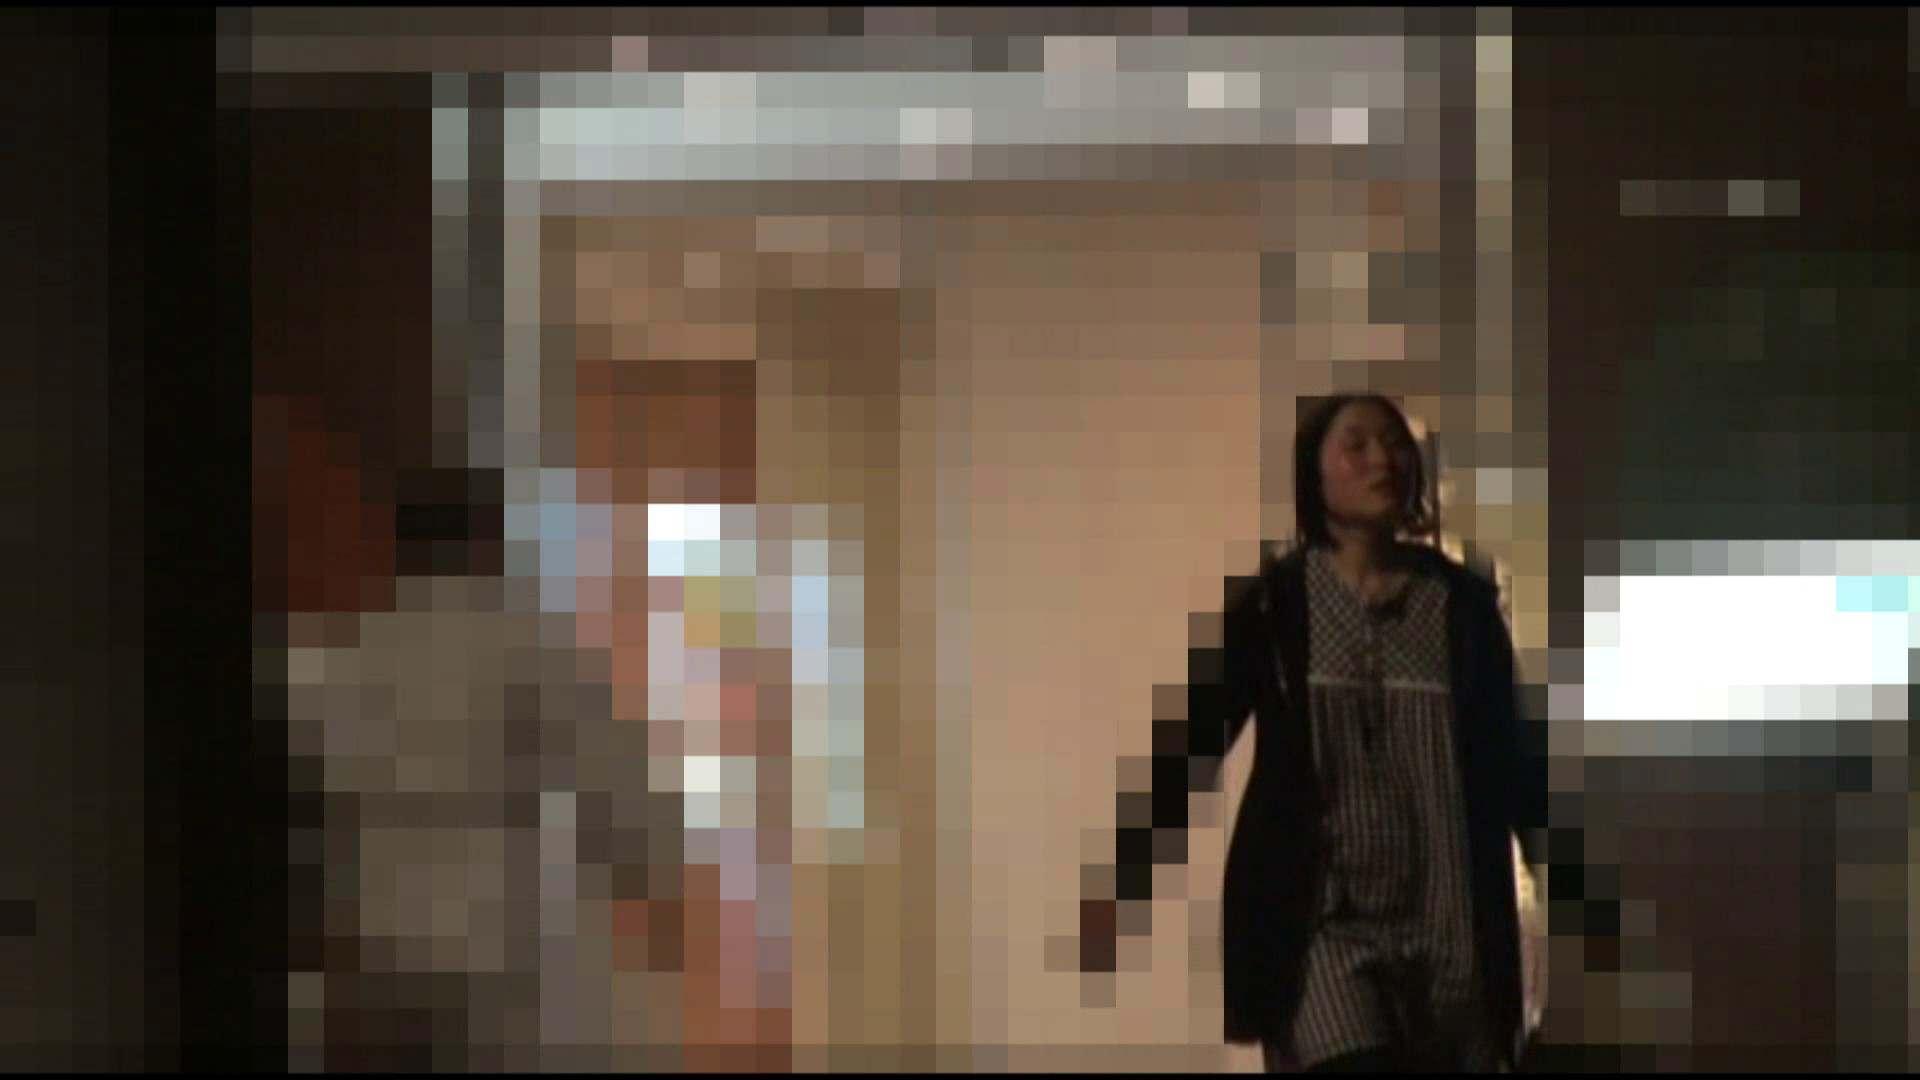 Aquaな露天風呂Vol.404 盗撮 性交動画流出 91画像 2